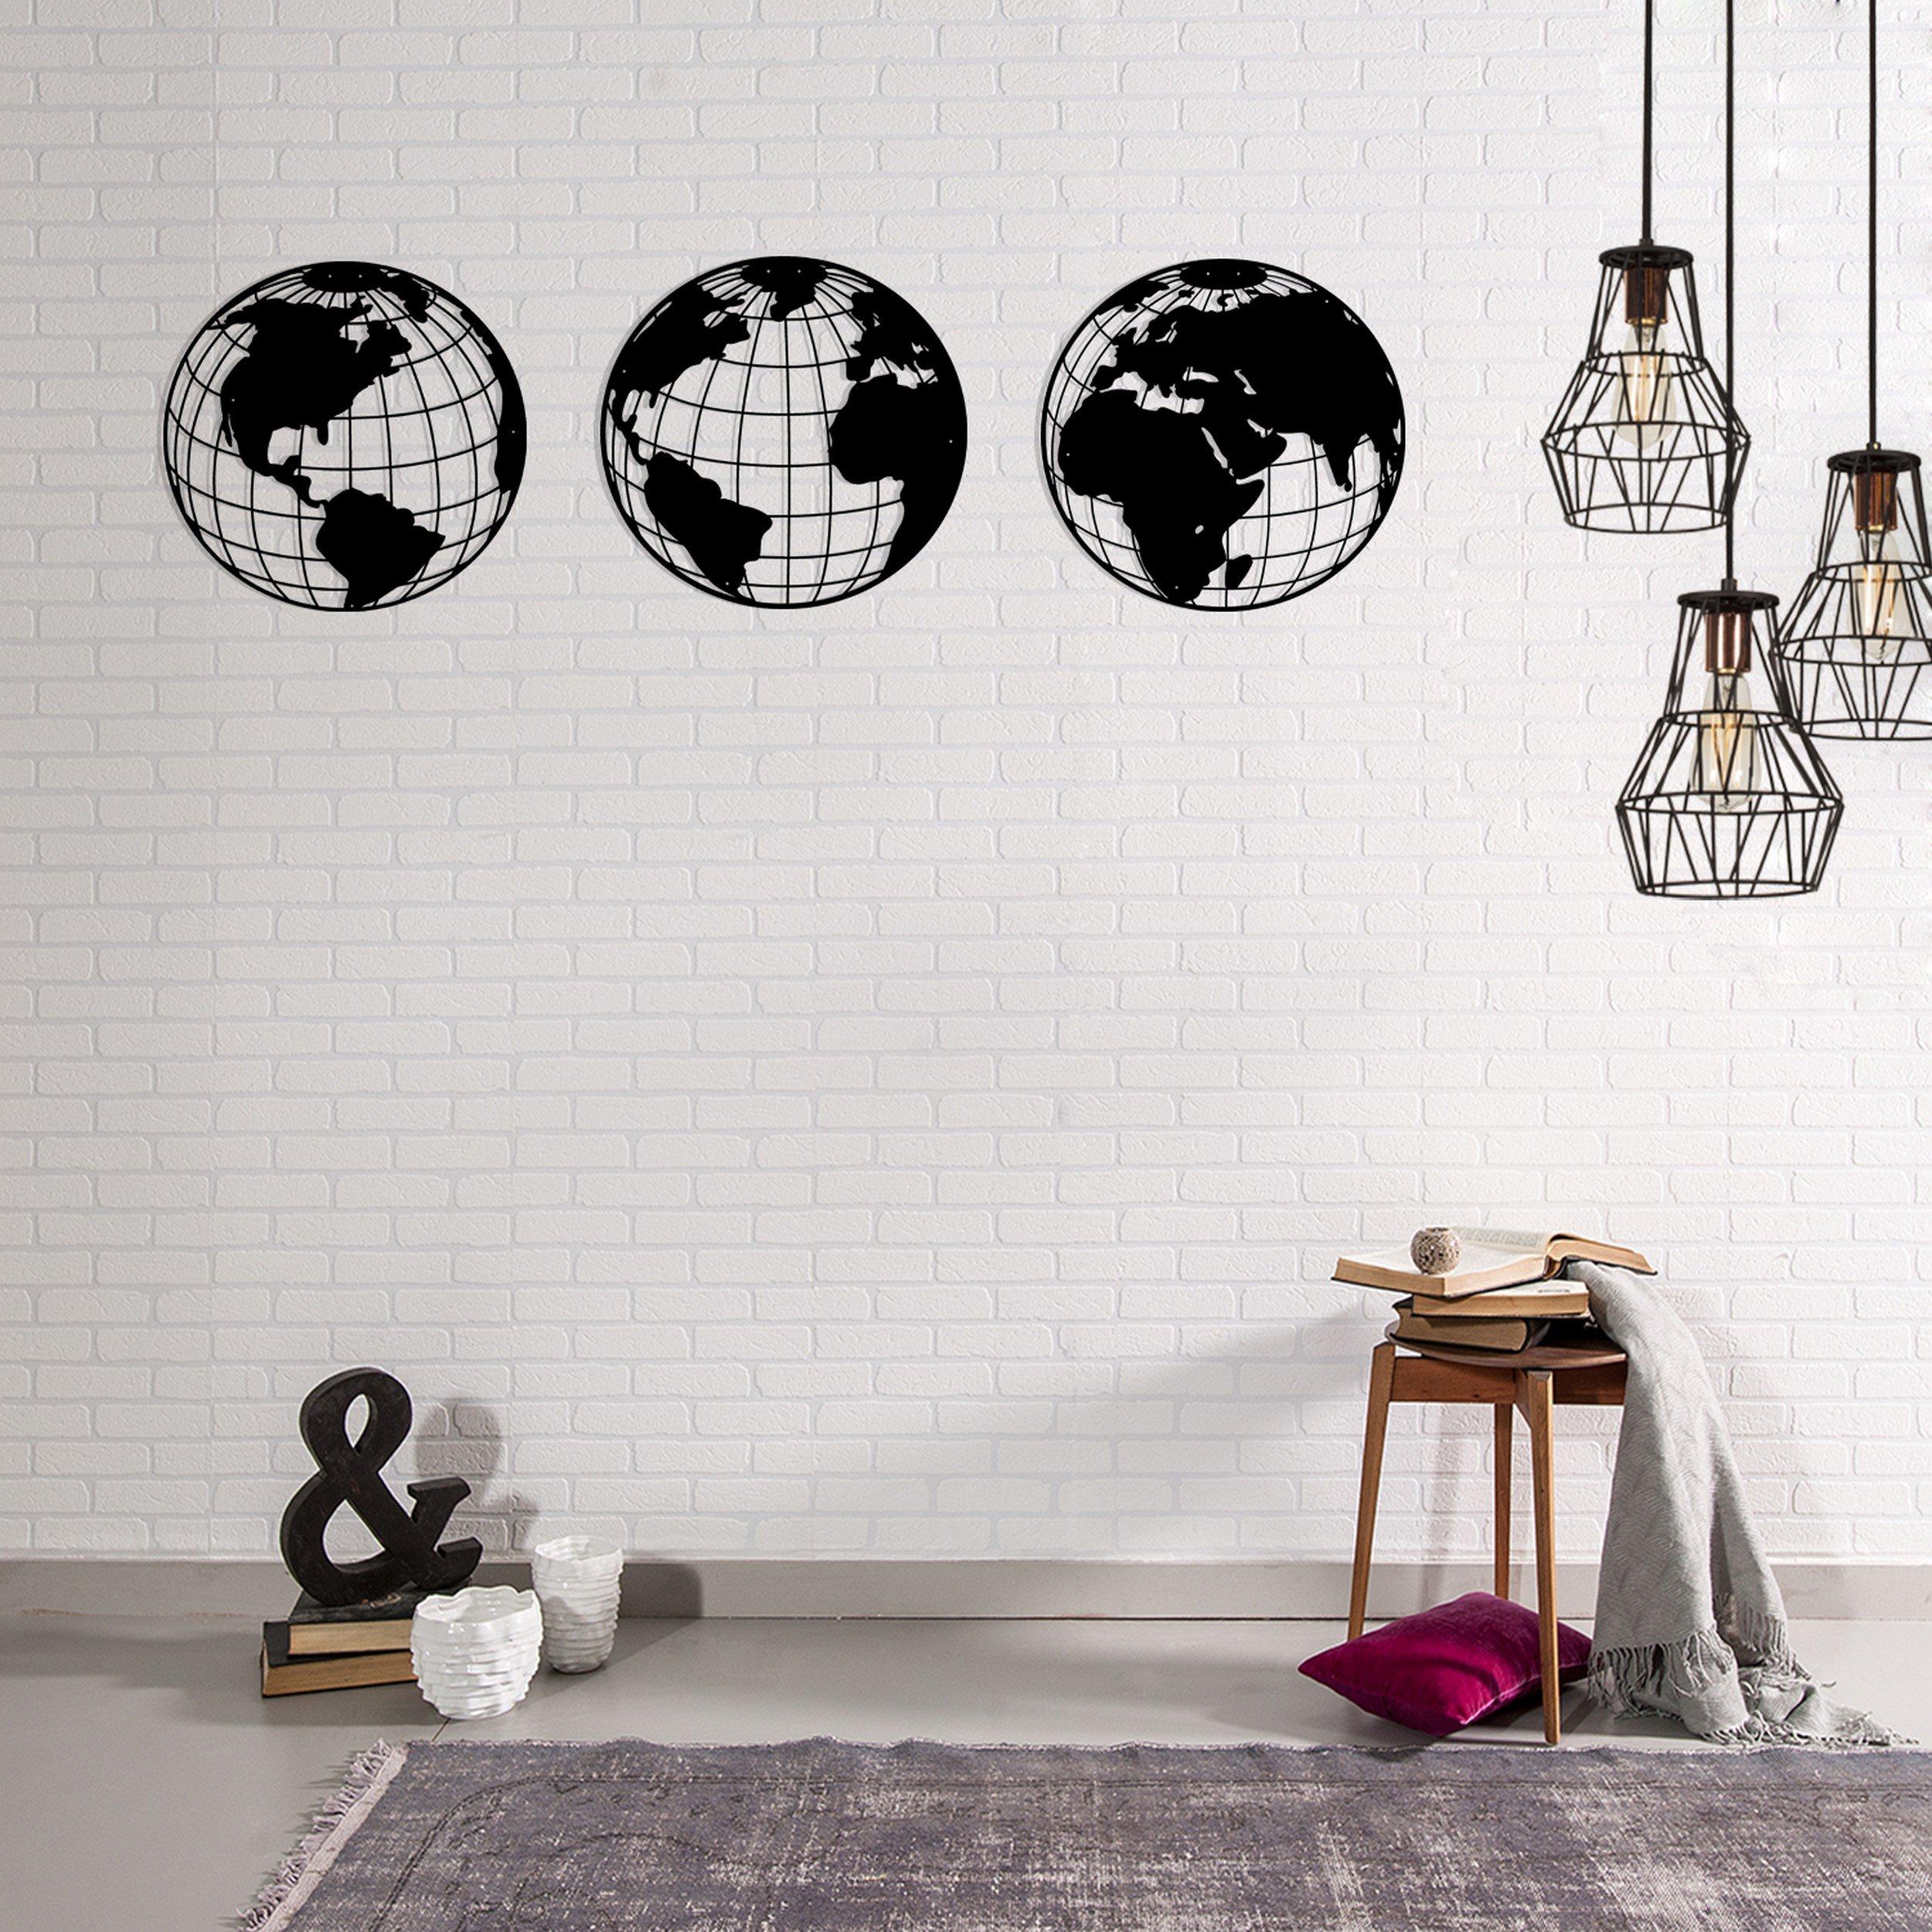 Homemania Decorazione Da Parete 3 Pannelli World W140xD0,15xH41 cm Nero